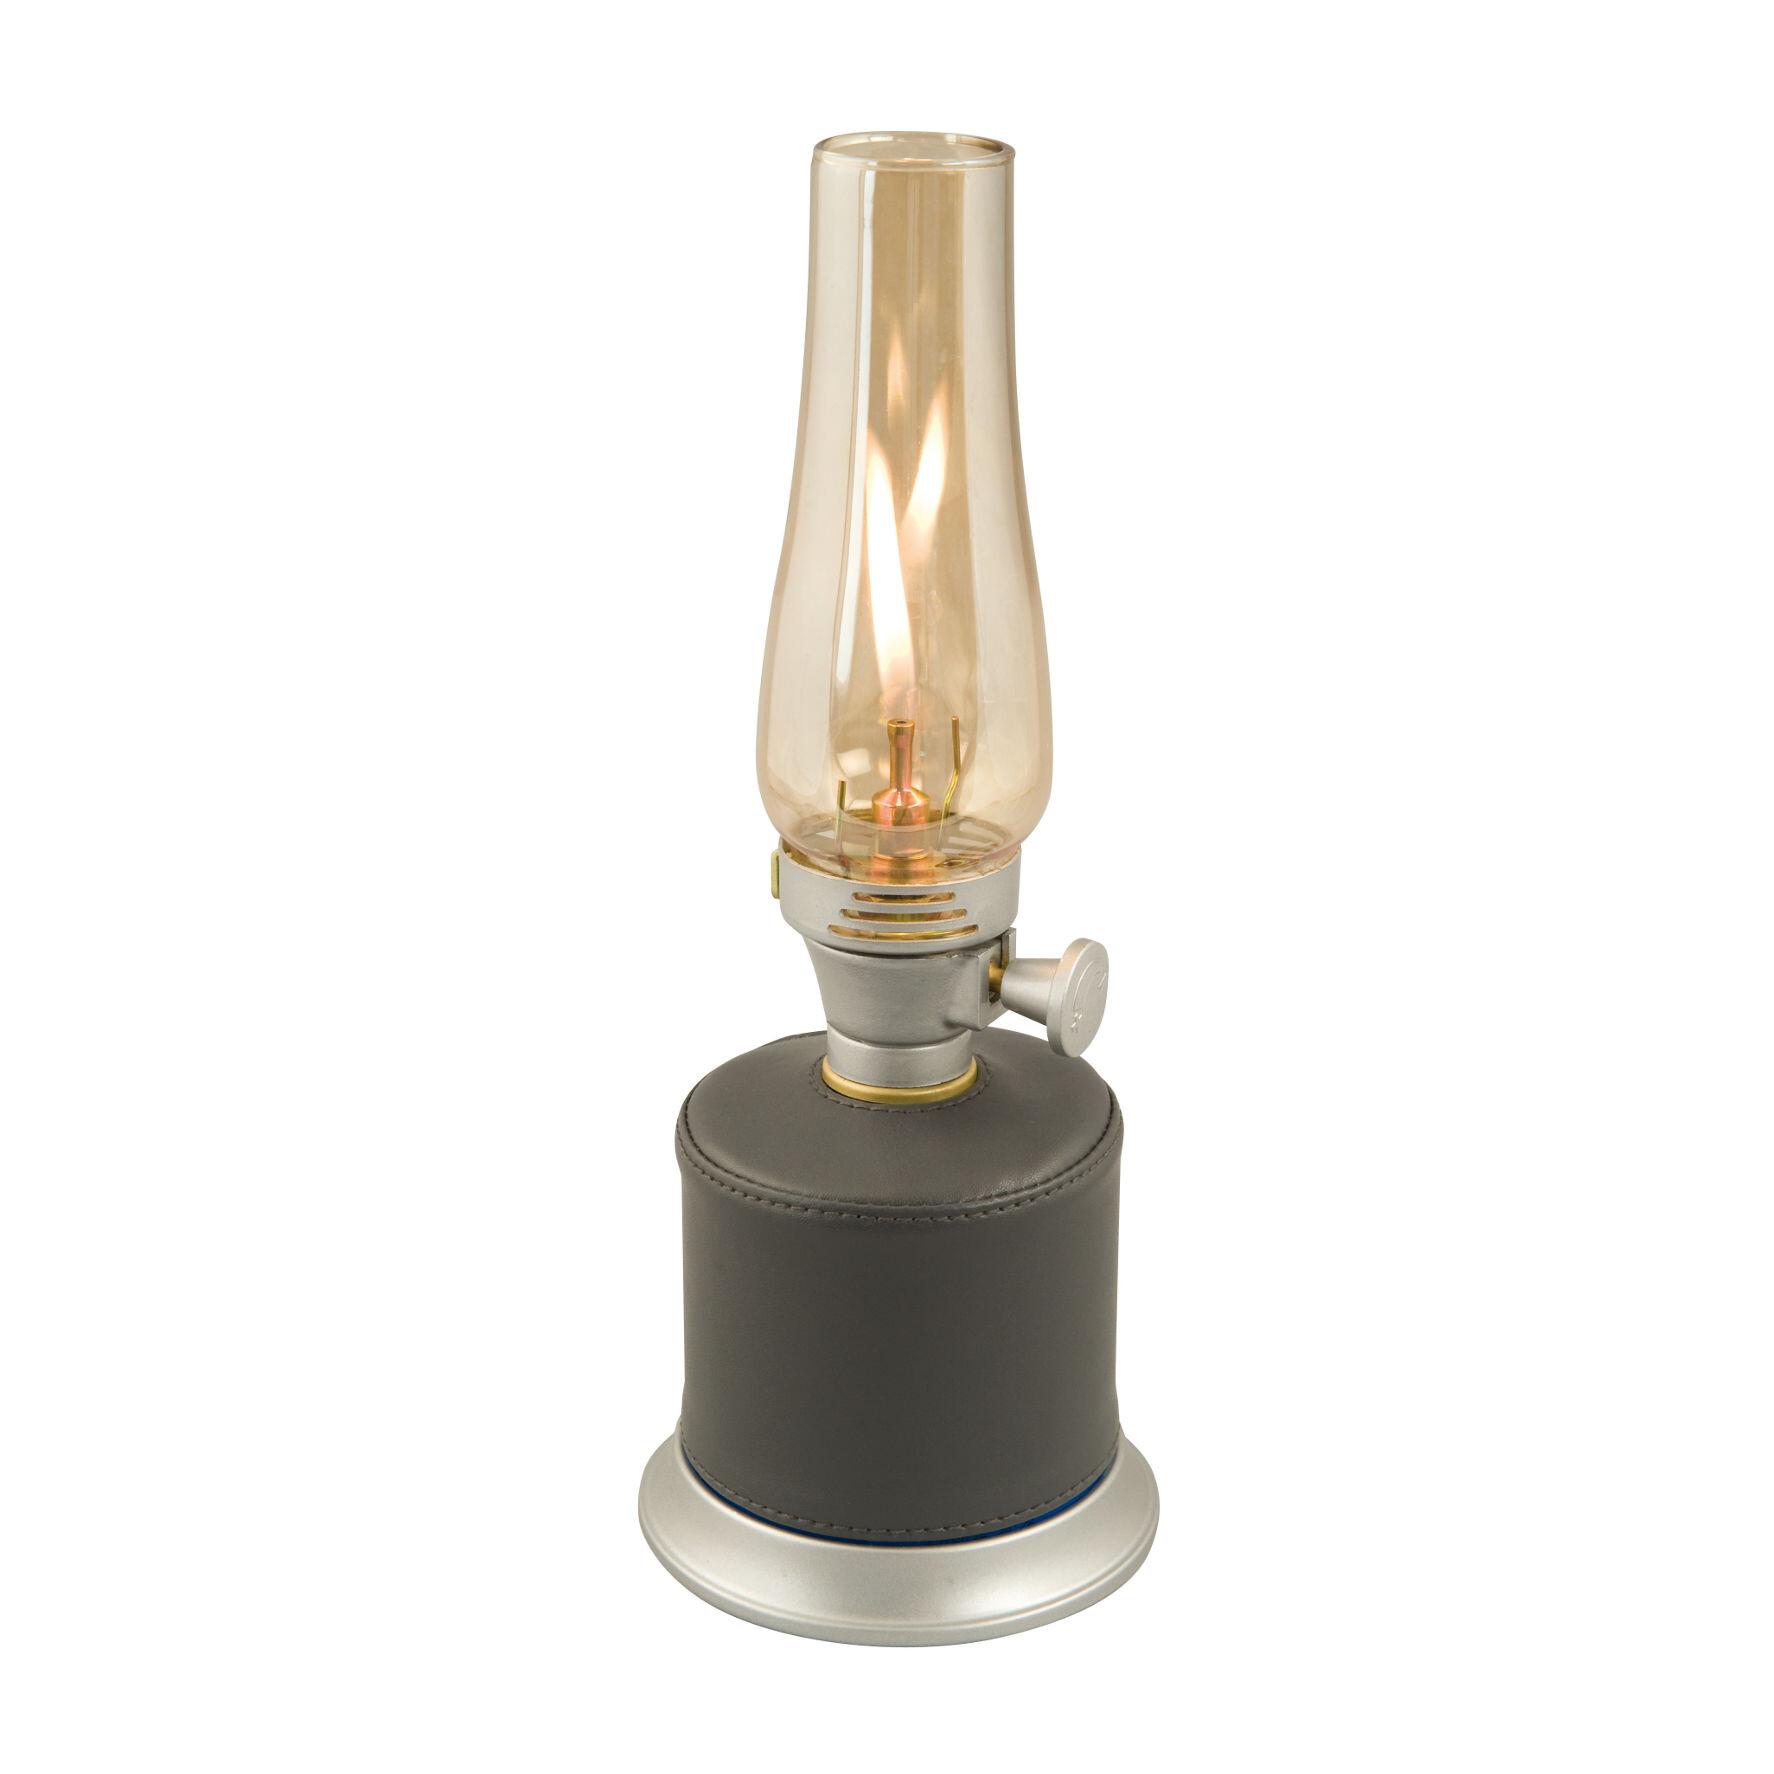 Was tun, wenn die Öllampe leuchtet?